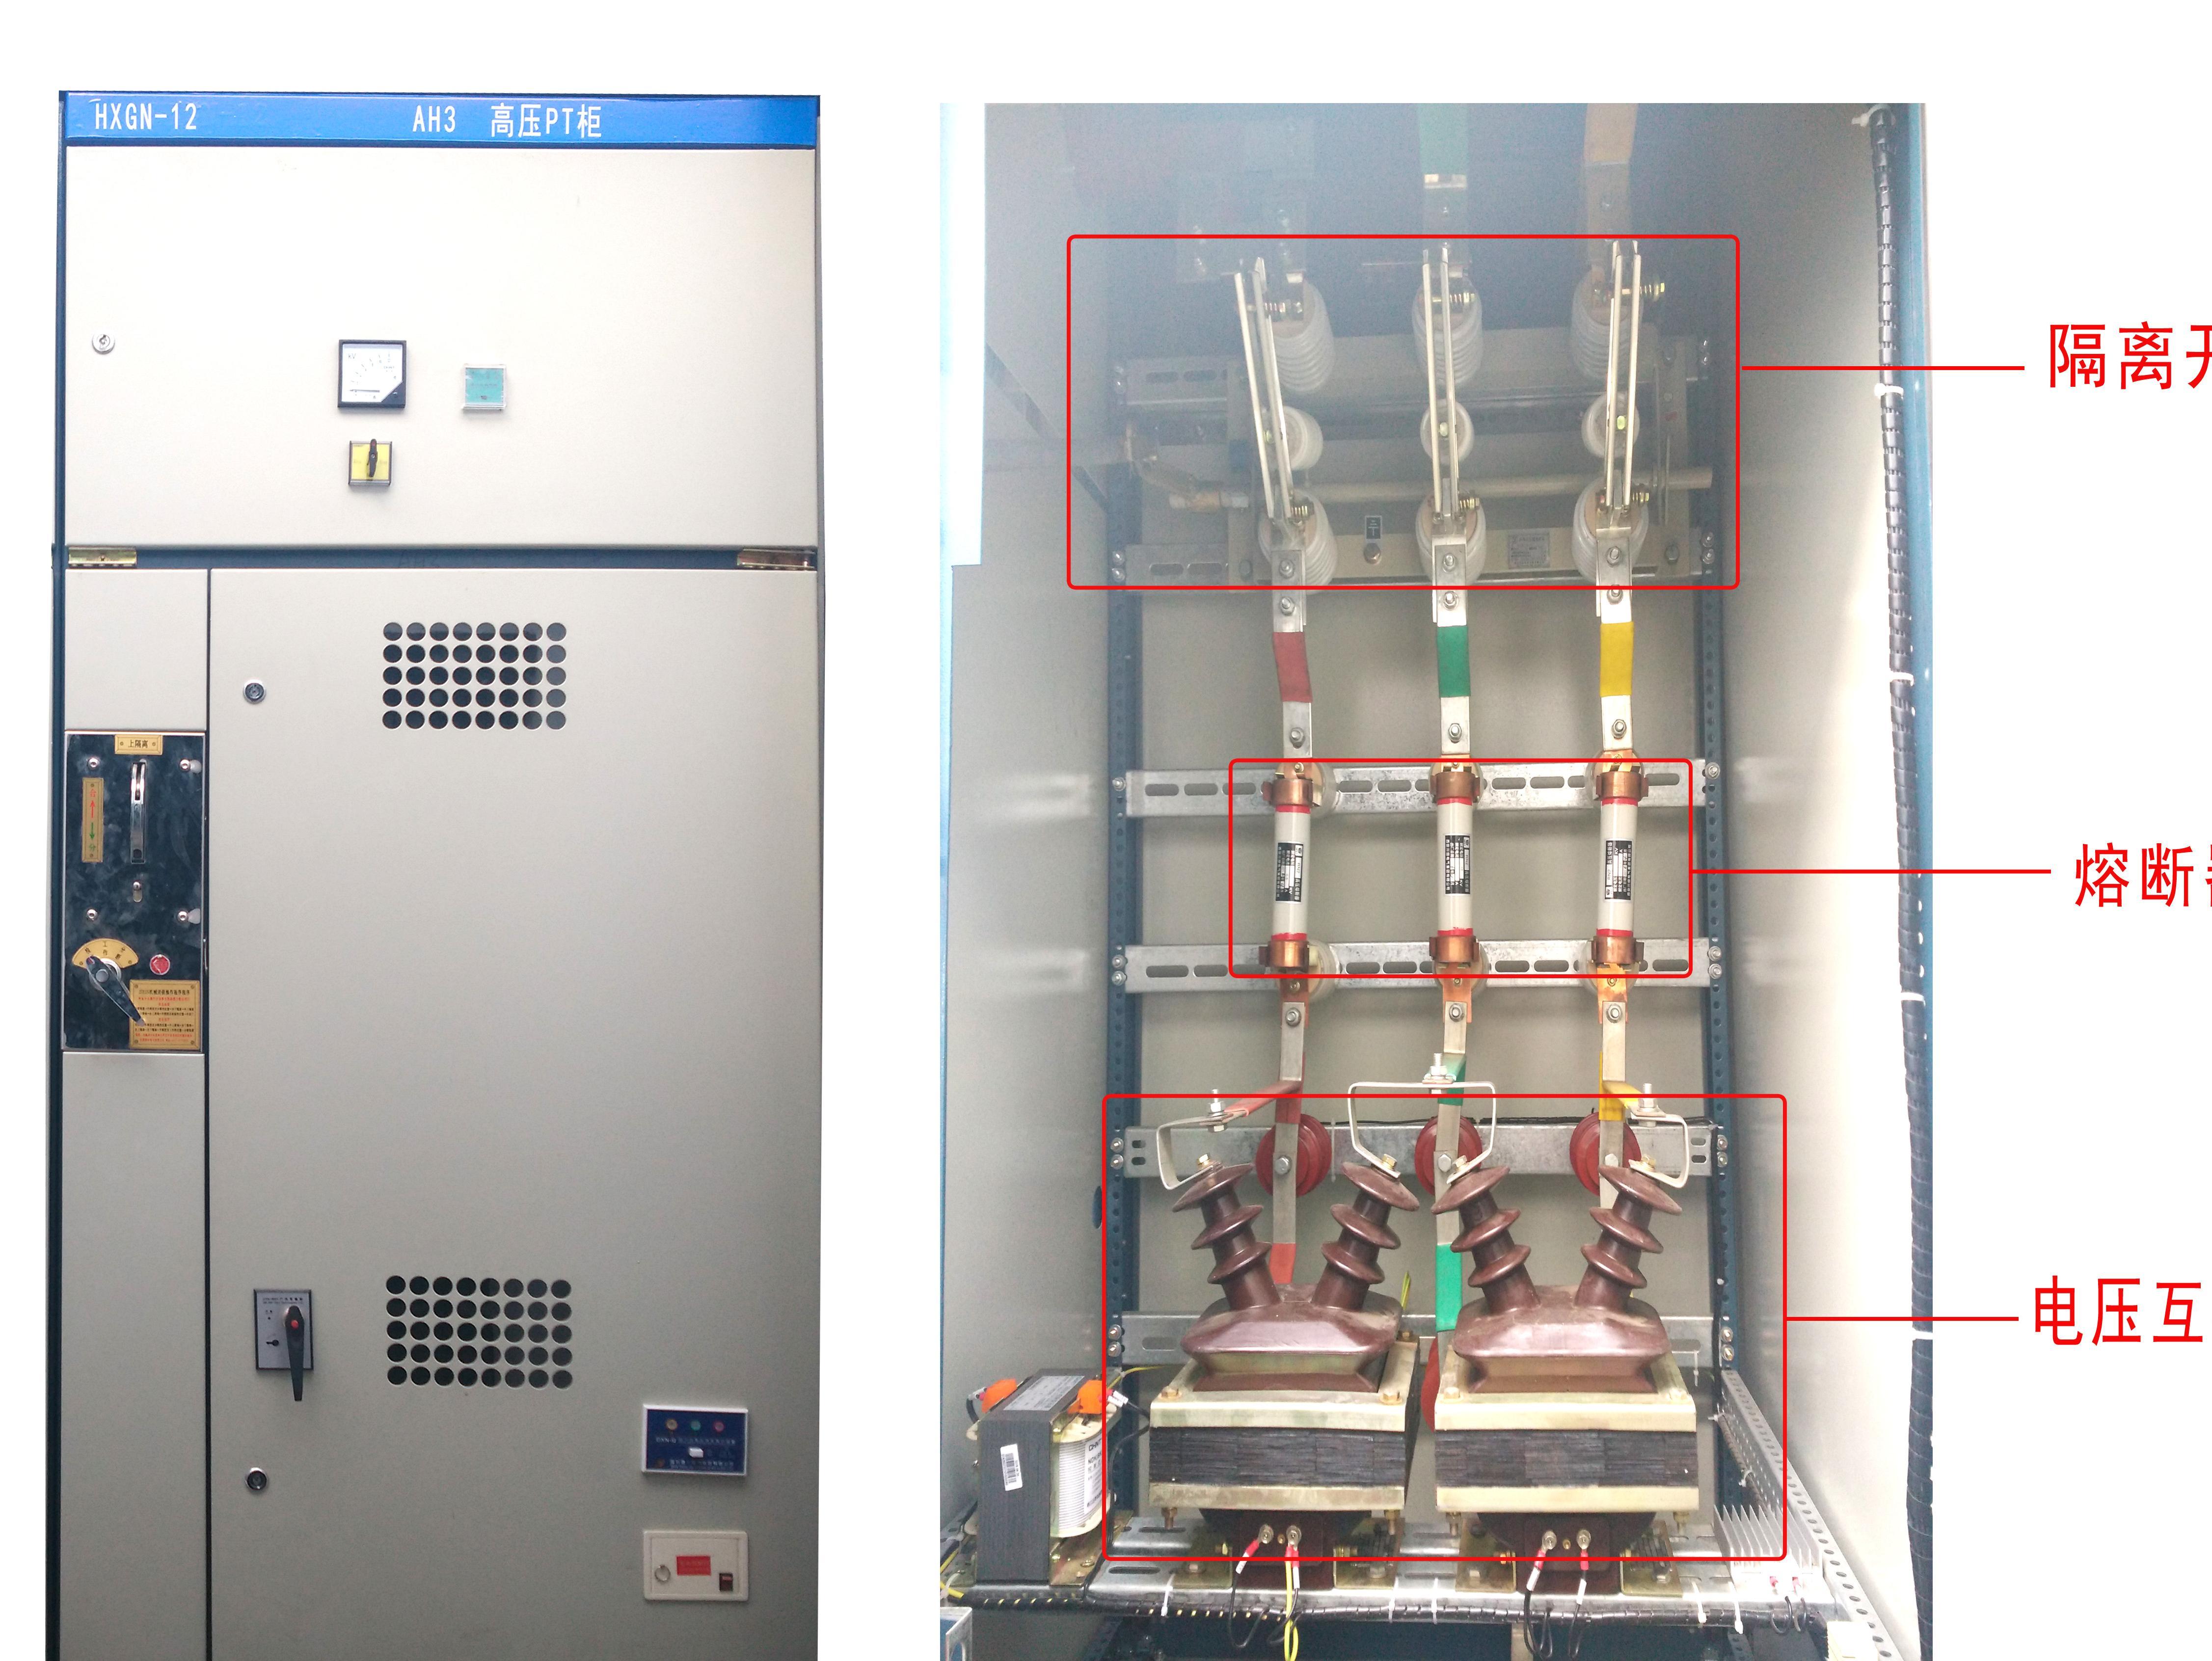 pt柜—電壓互感器開關柜結構和特點介紹